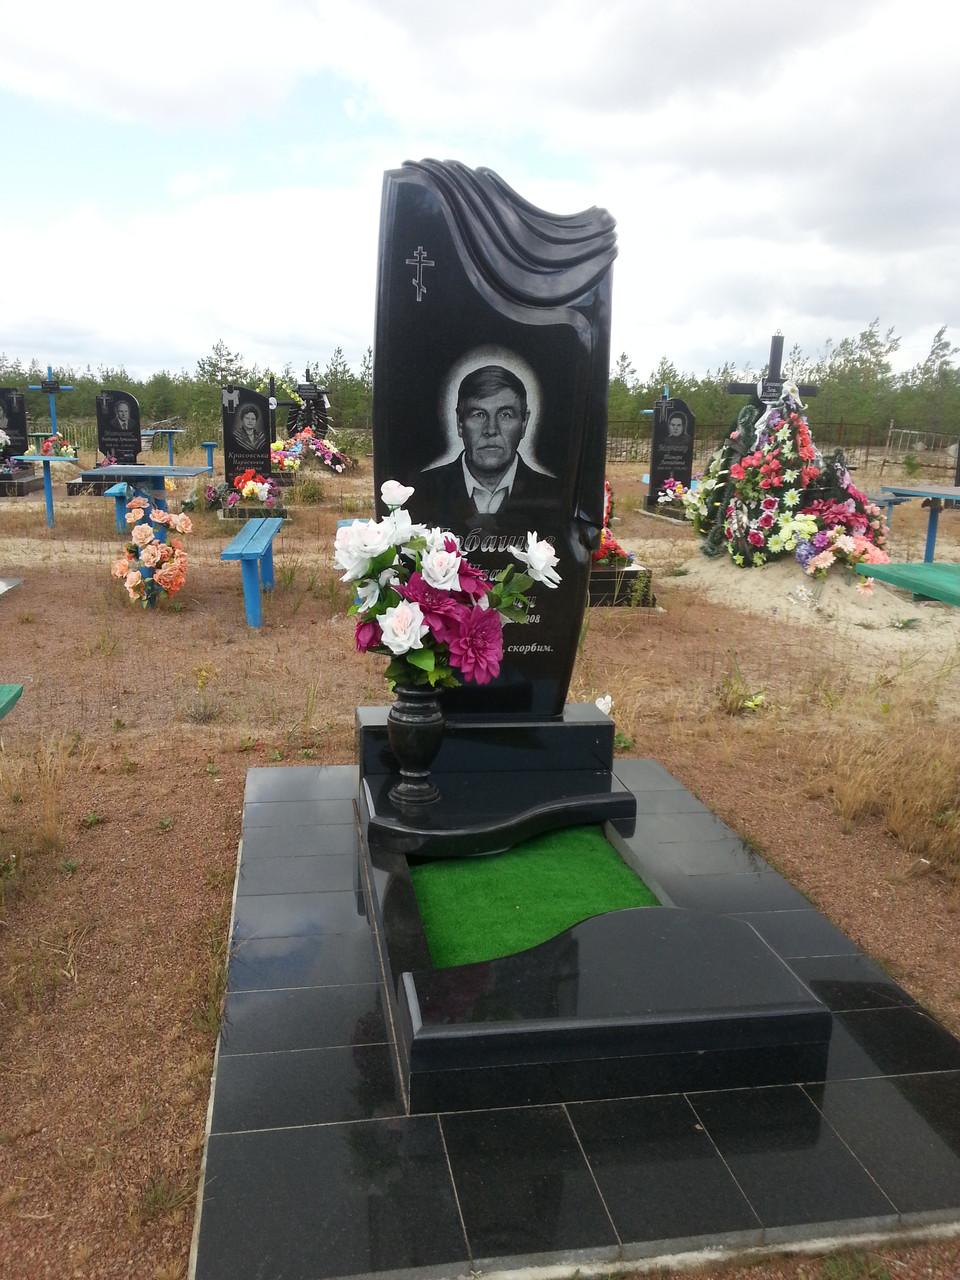 Памятники на могилу иваново надгробие семейства фульд 1912.мрамор, гранит.москва, введенское кладбище